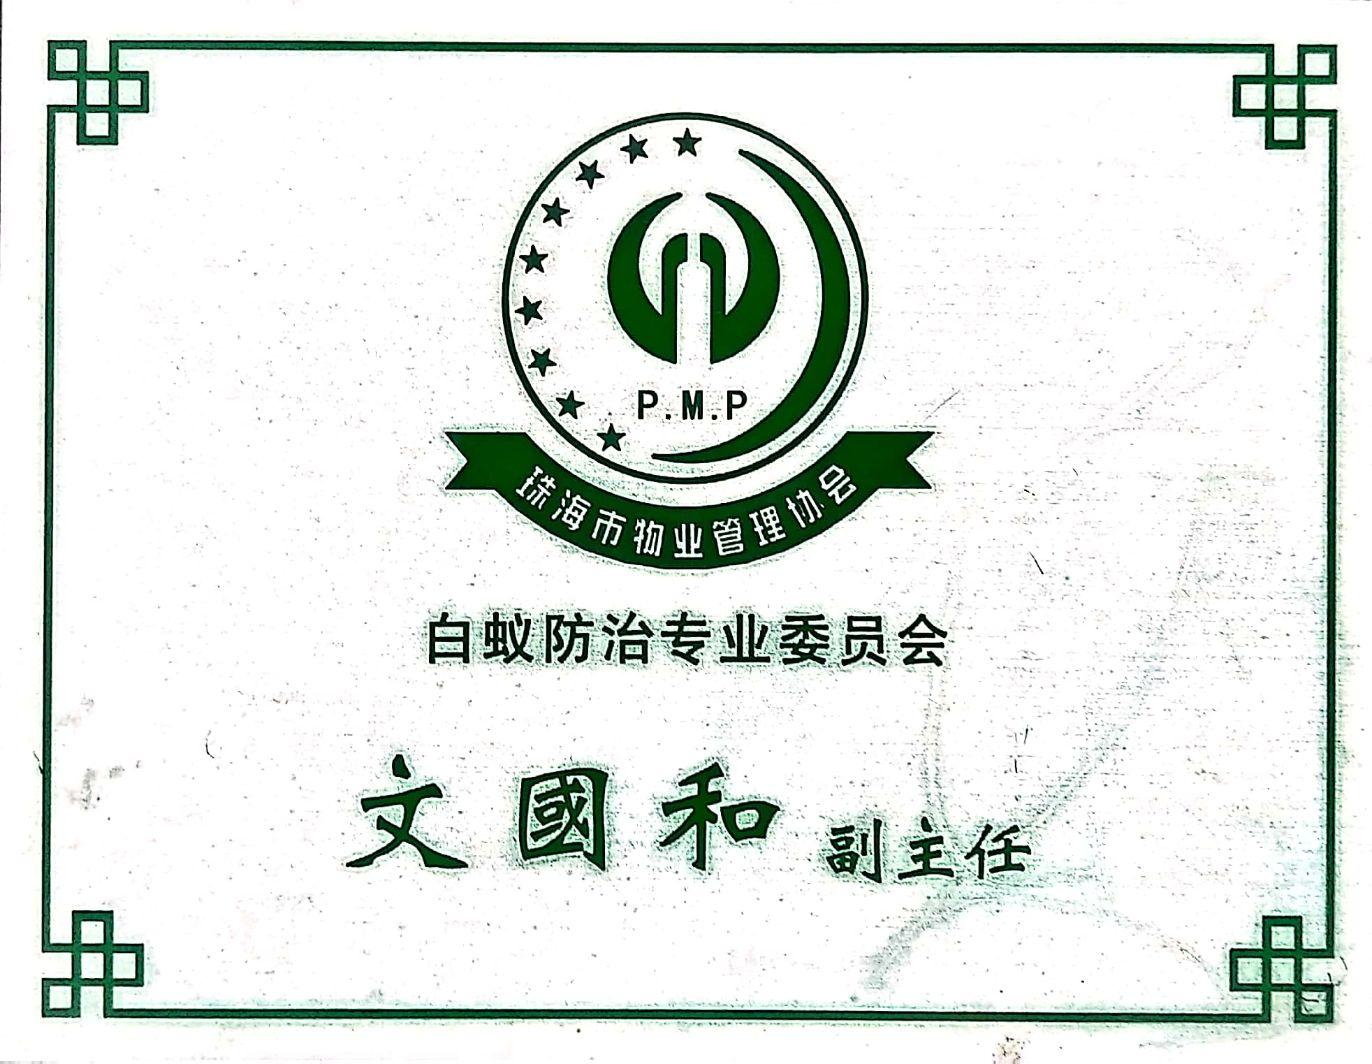 珠海市物业管理协会副主任